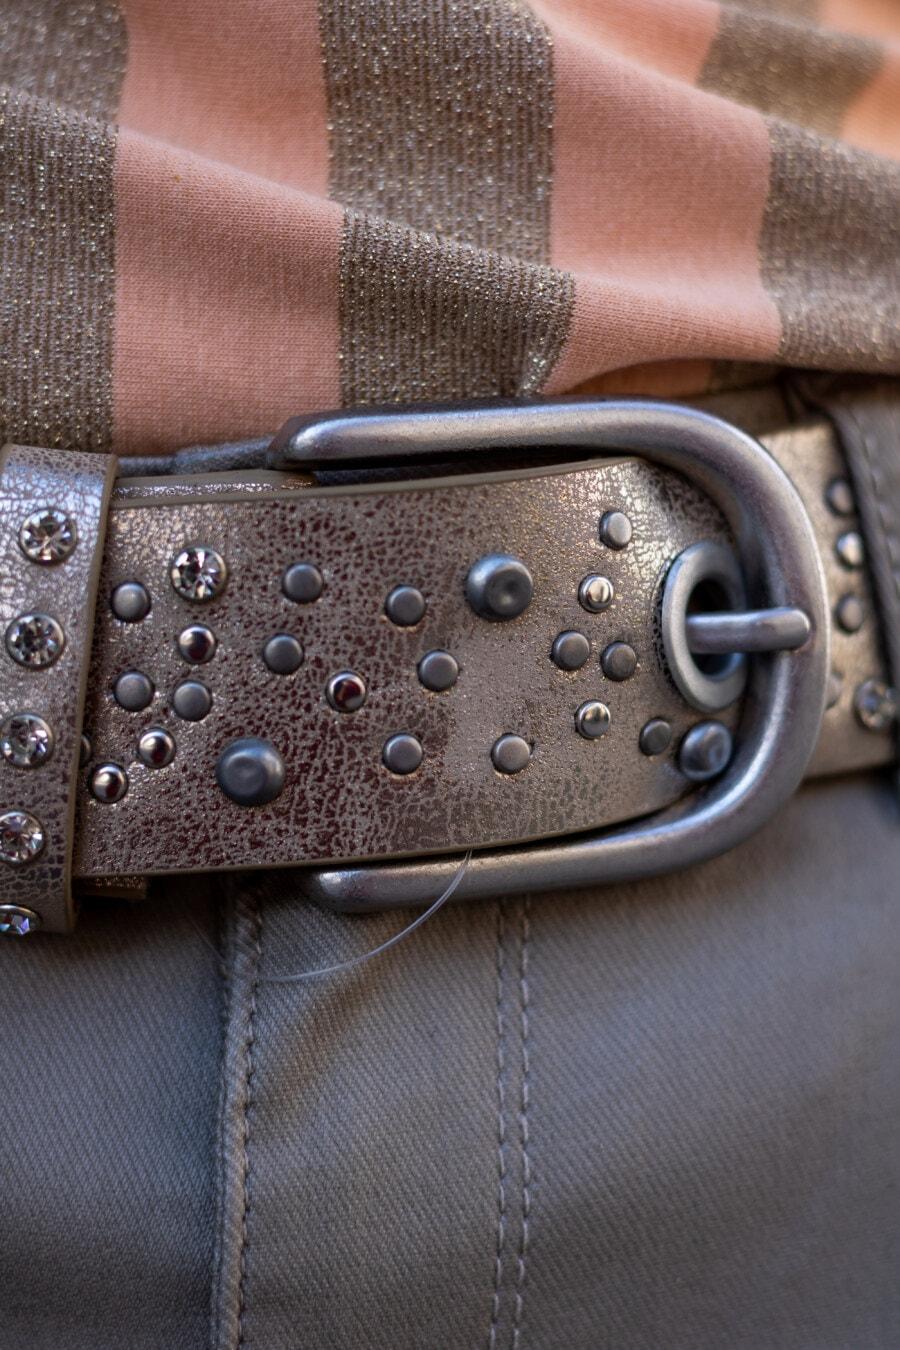 fermer, ceinture, boucle, fantaisie, Jeans/Pantalons, dispositif de fixation, élégant, luxe, unité, en cuir